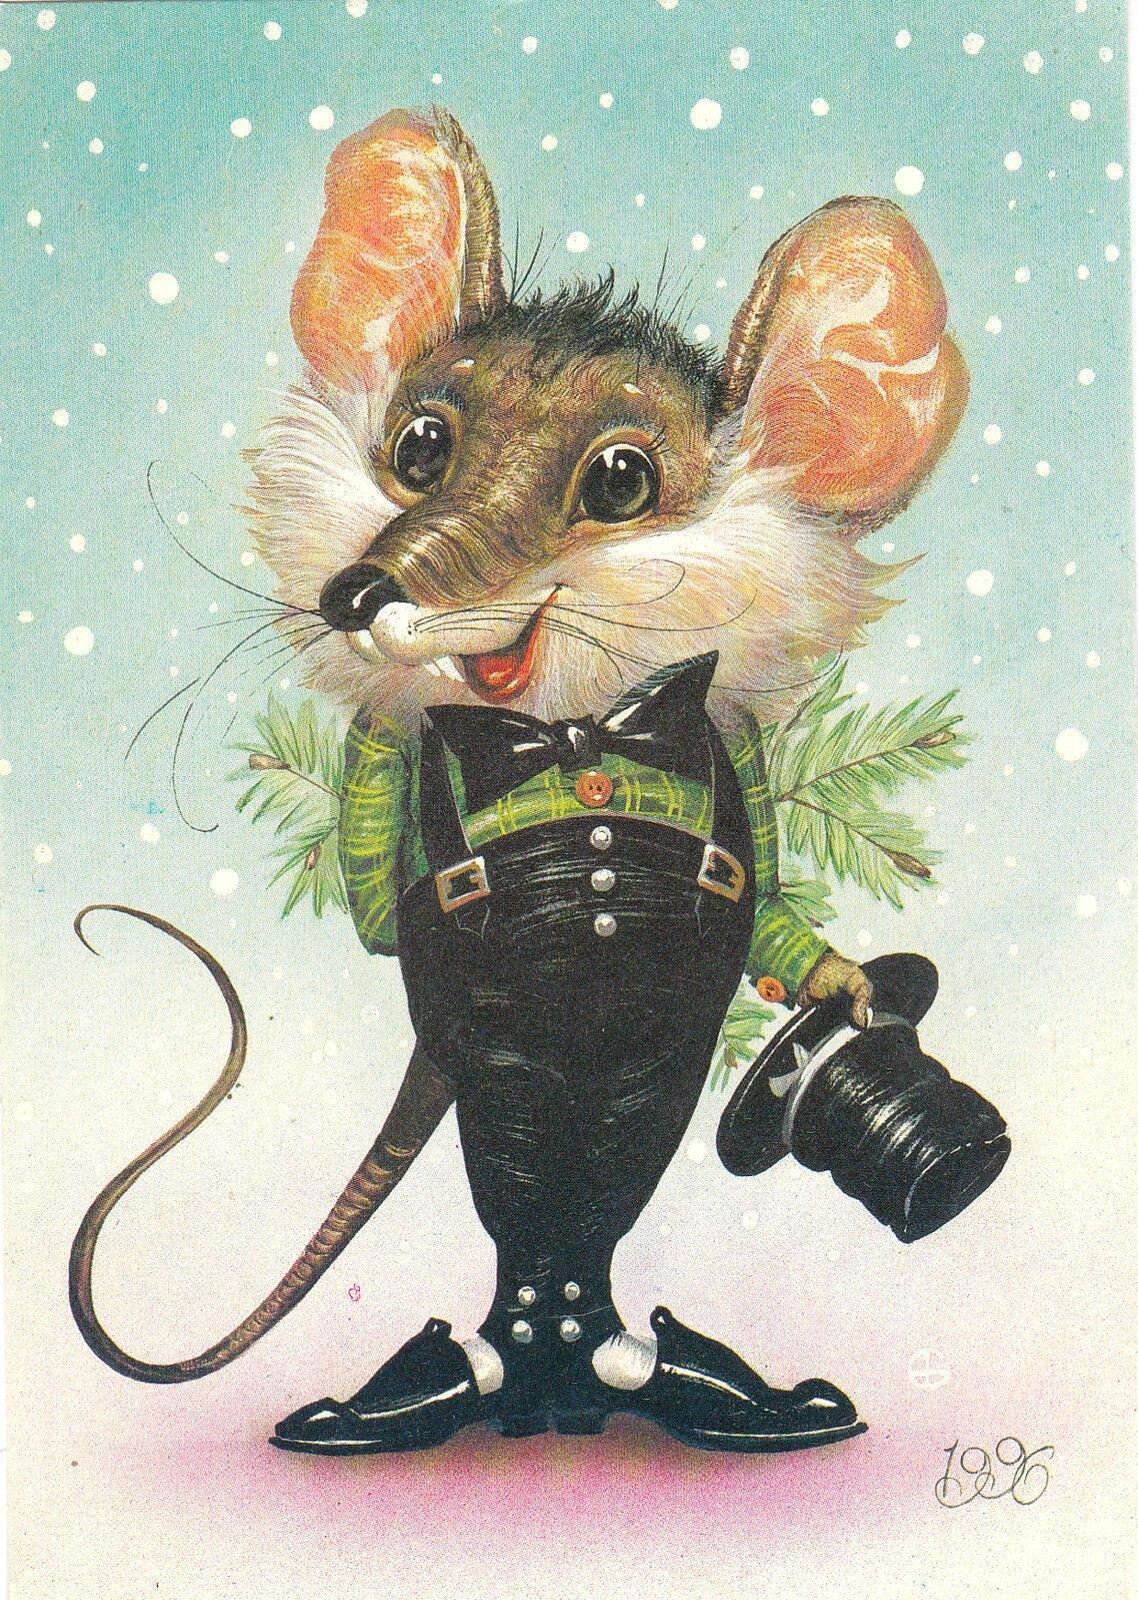 Советские открытки. С Новым годом! часть 2 1. Новогодние отк